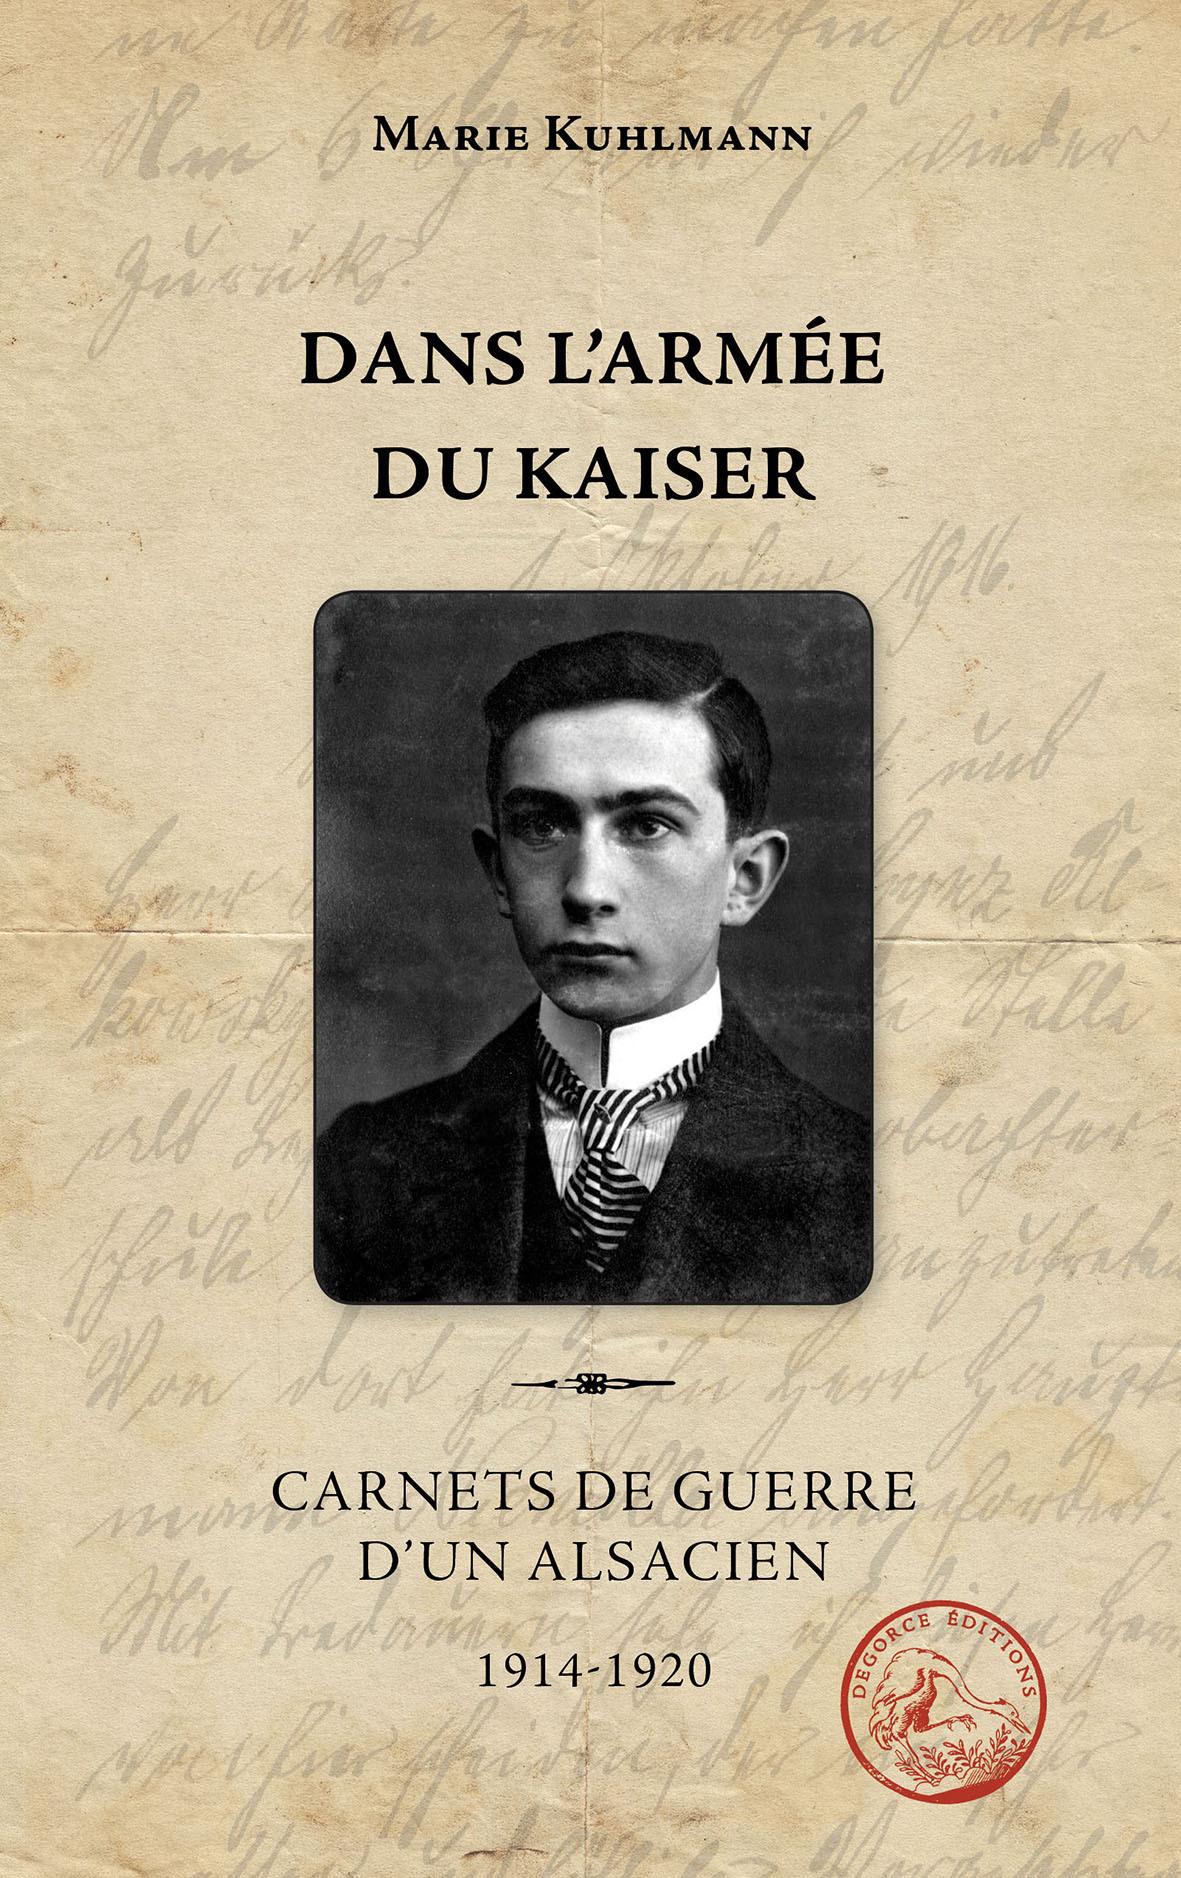 DANS L'ARMEE DU KAISER - CARNET DE GUERRE D'UN ALSACIEN 1914-1920